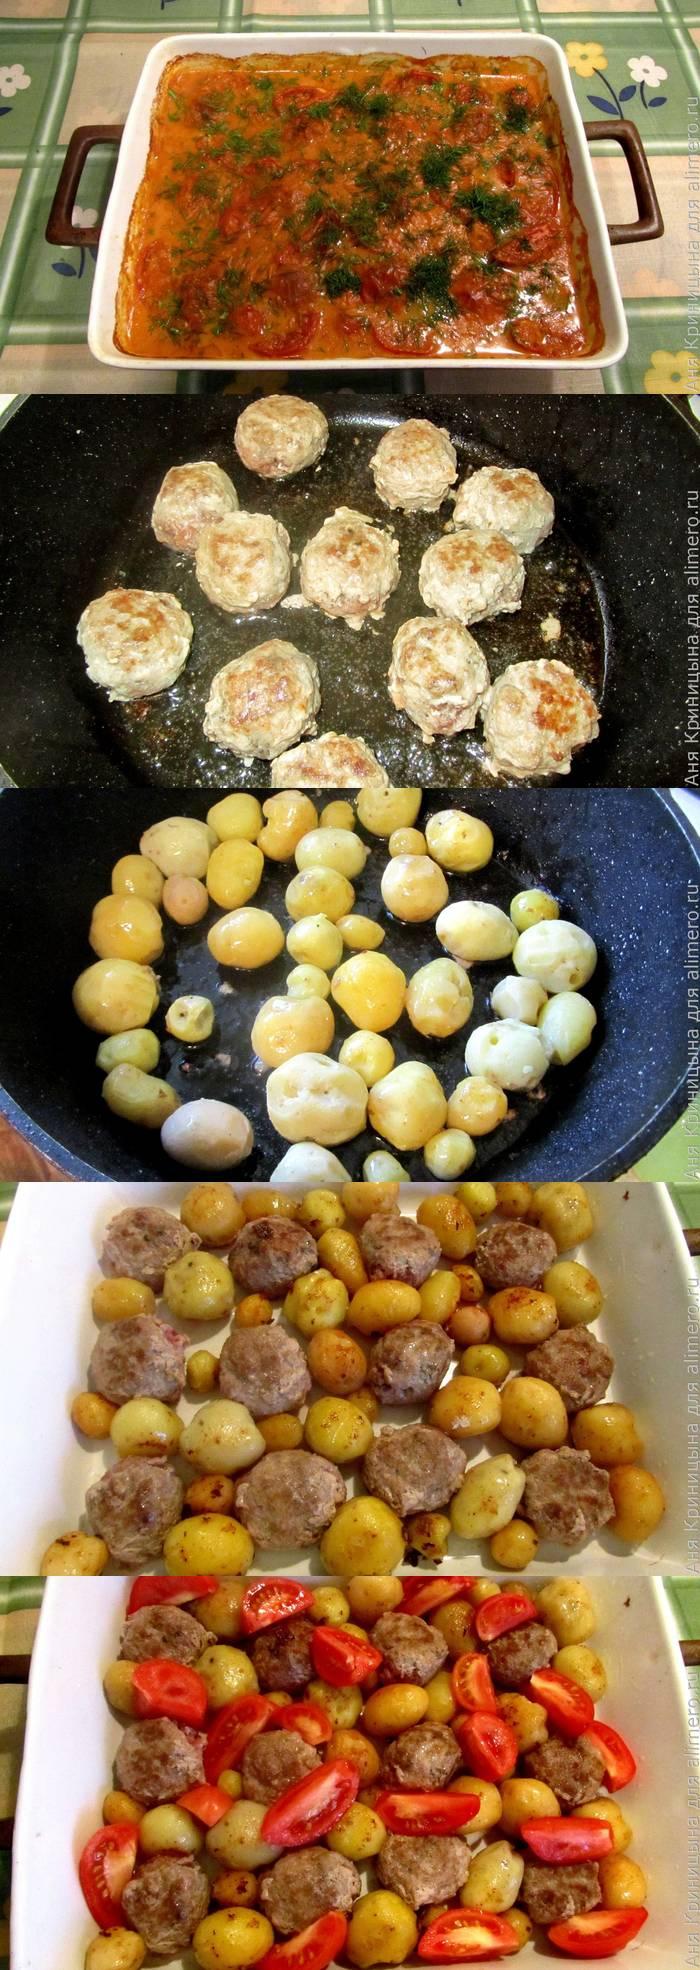 Тефтели, запеченные с картофелем в томатно-сырном соусе